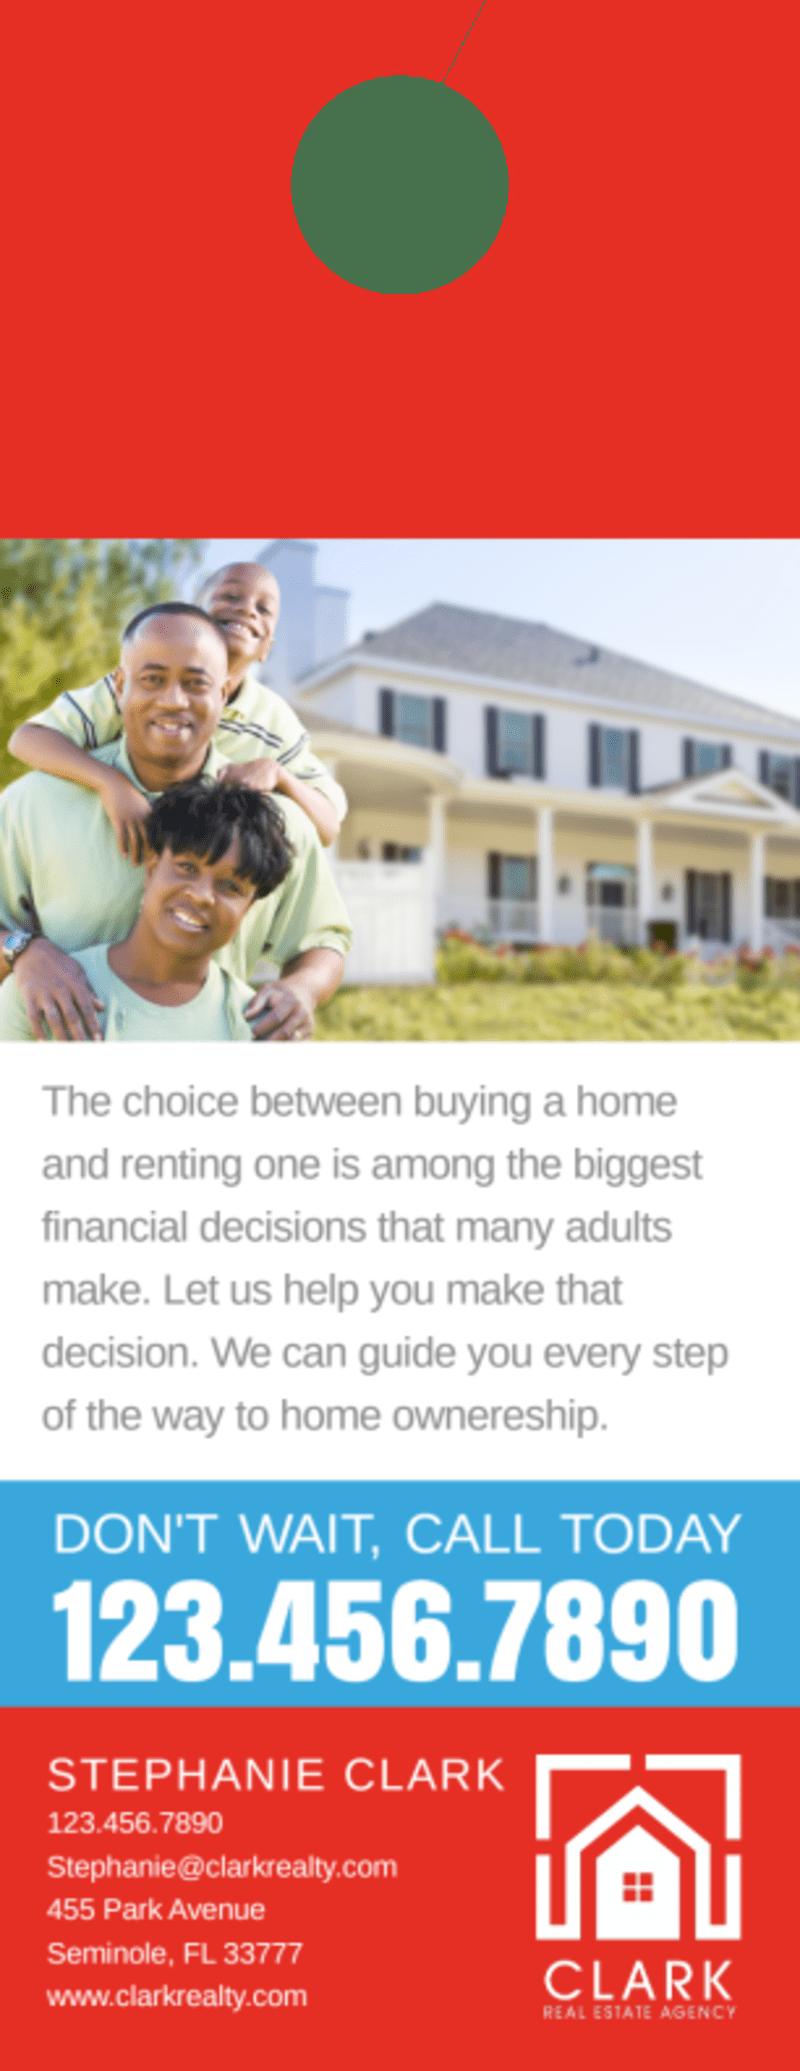 Buy VS Rent Door Hanger Template Preview 3